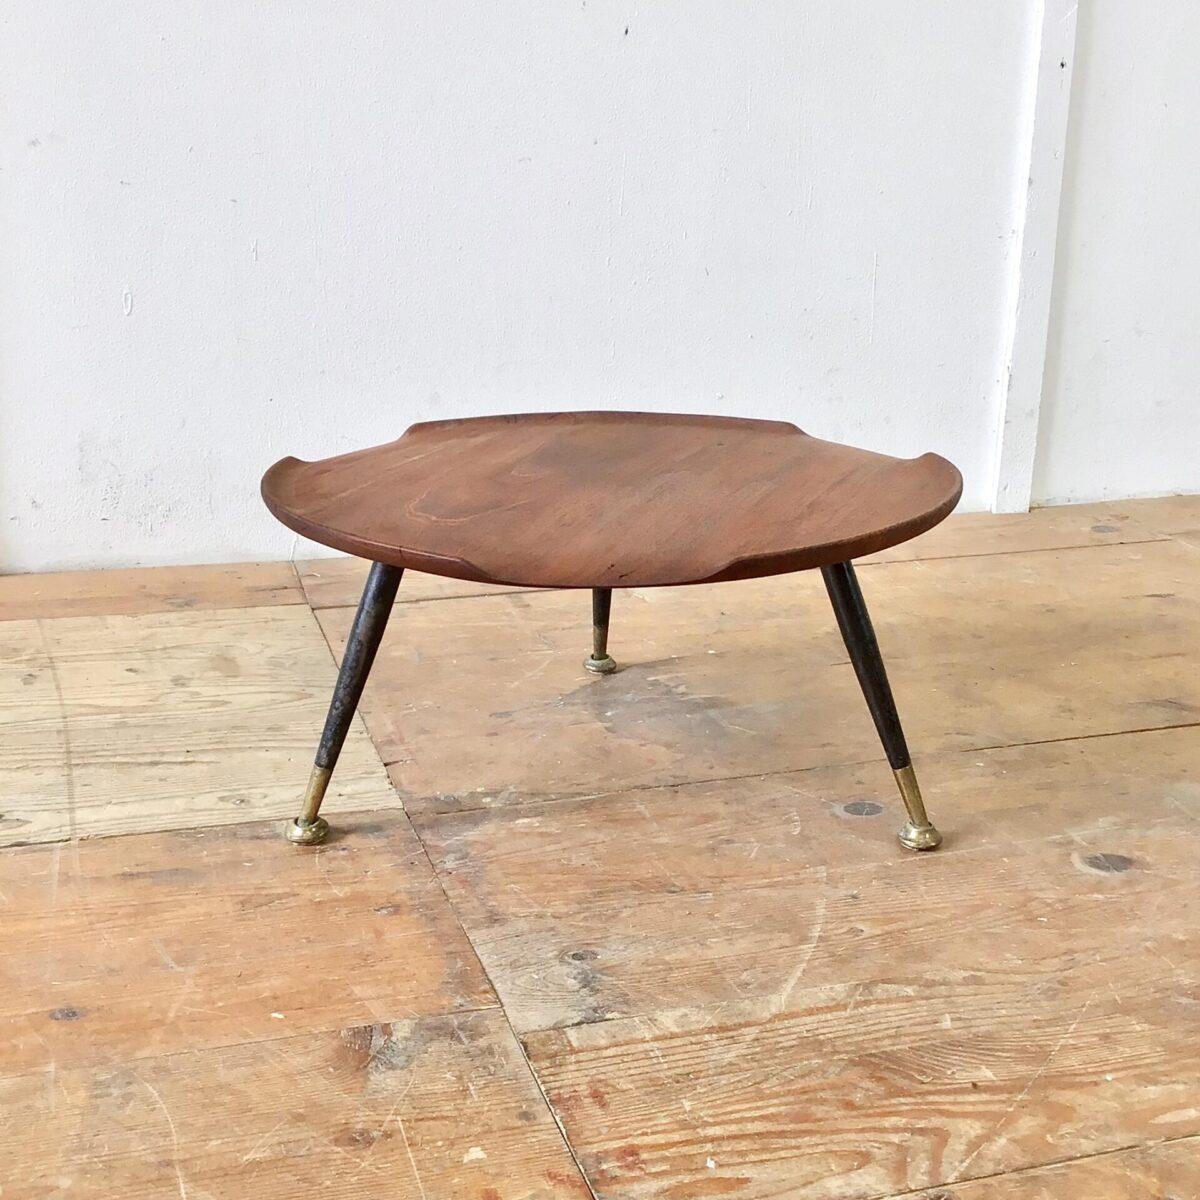 Deuxieme.shop midcentury teak coffetable. Kleiner midcentury Blumentisch Durchmesser 50cm Höhe 24.5cm. Dieser Salontisch aus Teakholz ist relativ niedrig. Er eignet sich als Blumentisch, für den Pausentee am Boden mit Sitzsack, oder als Etagere auf dem Tisch.